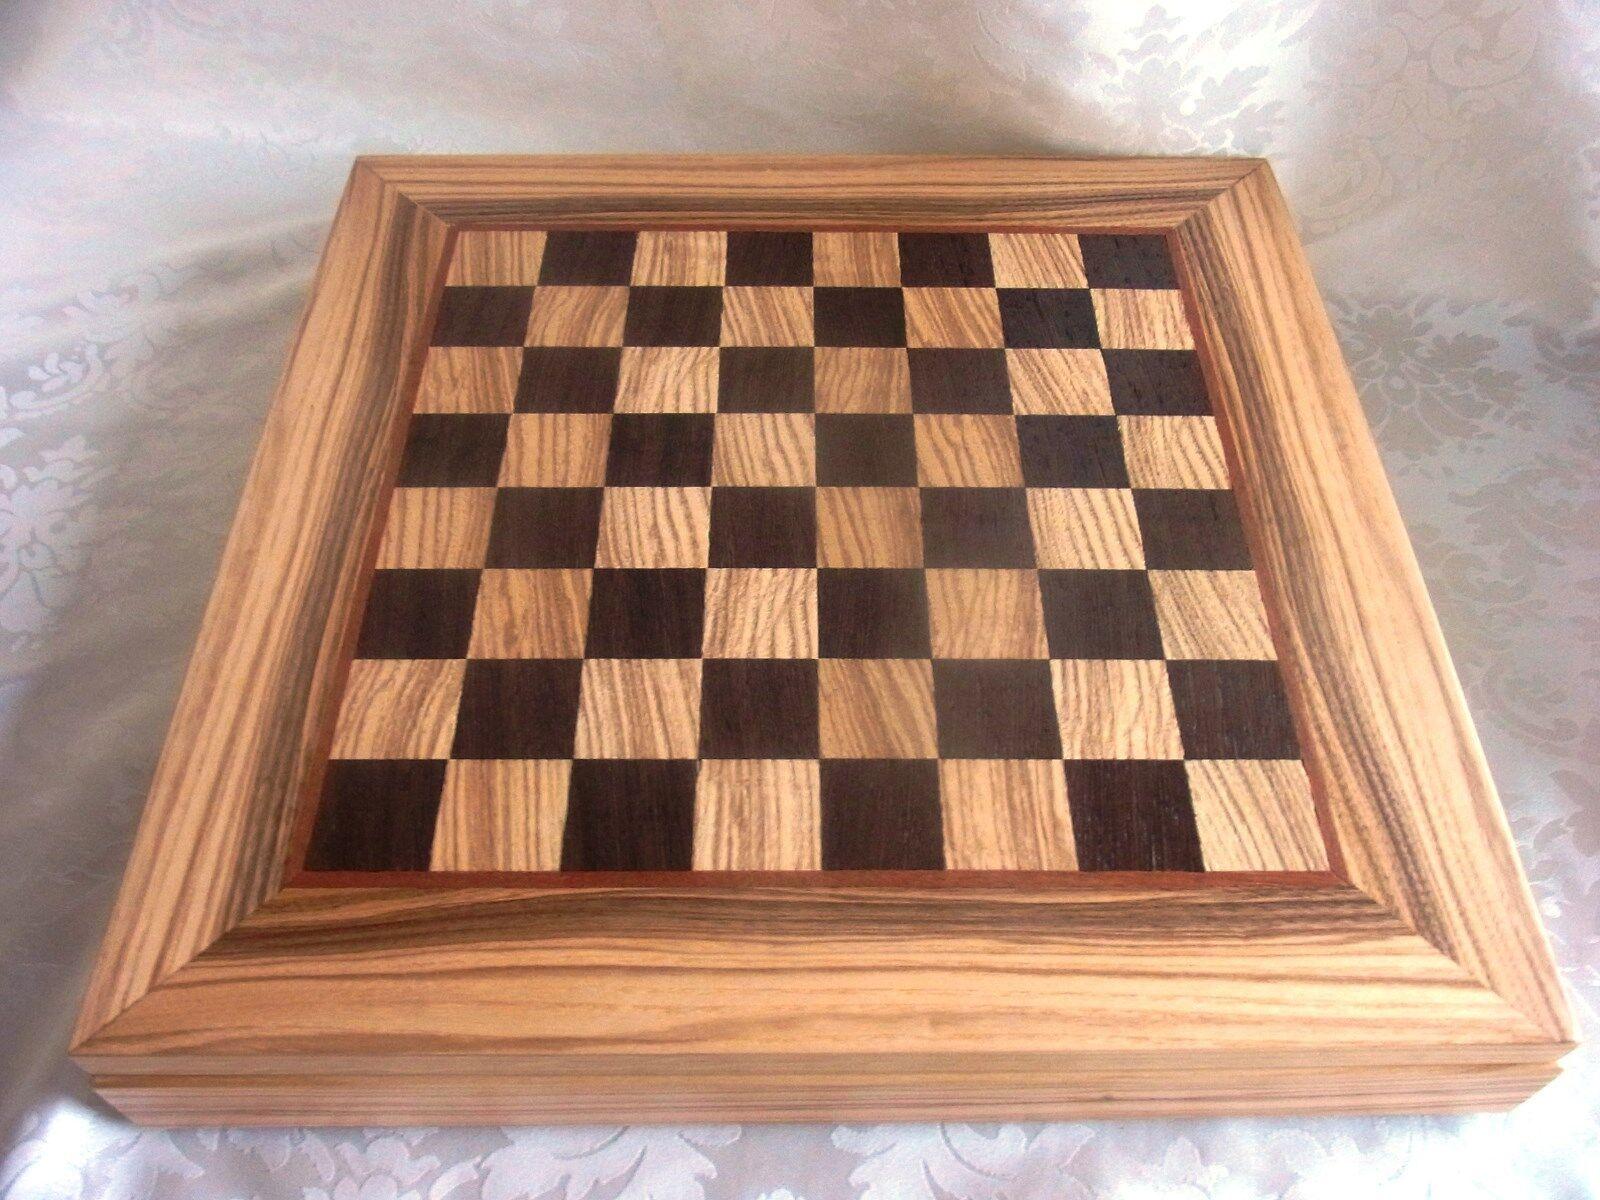 Luxus Olivenholz Schachspiel Schachbrett Manopoulos Figuren Handarbeit